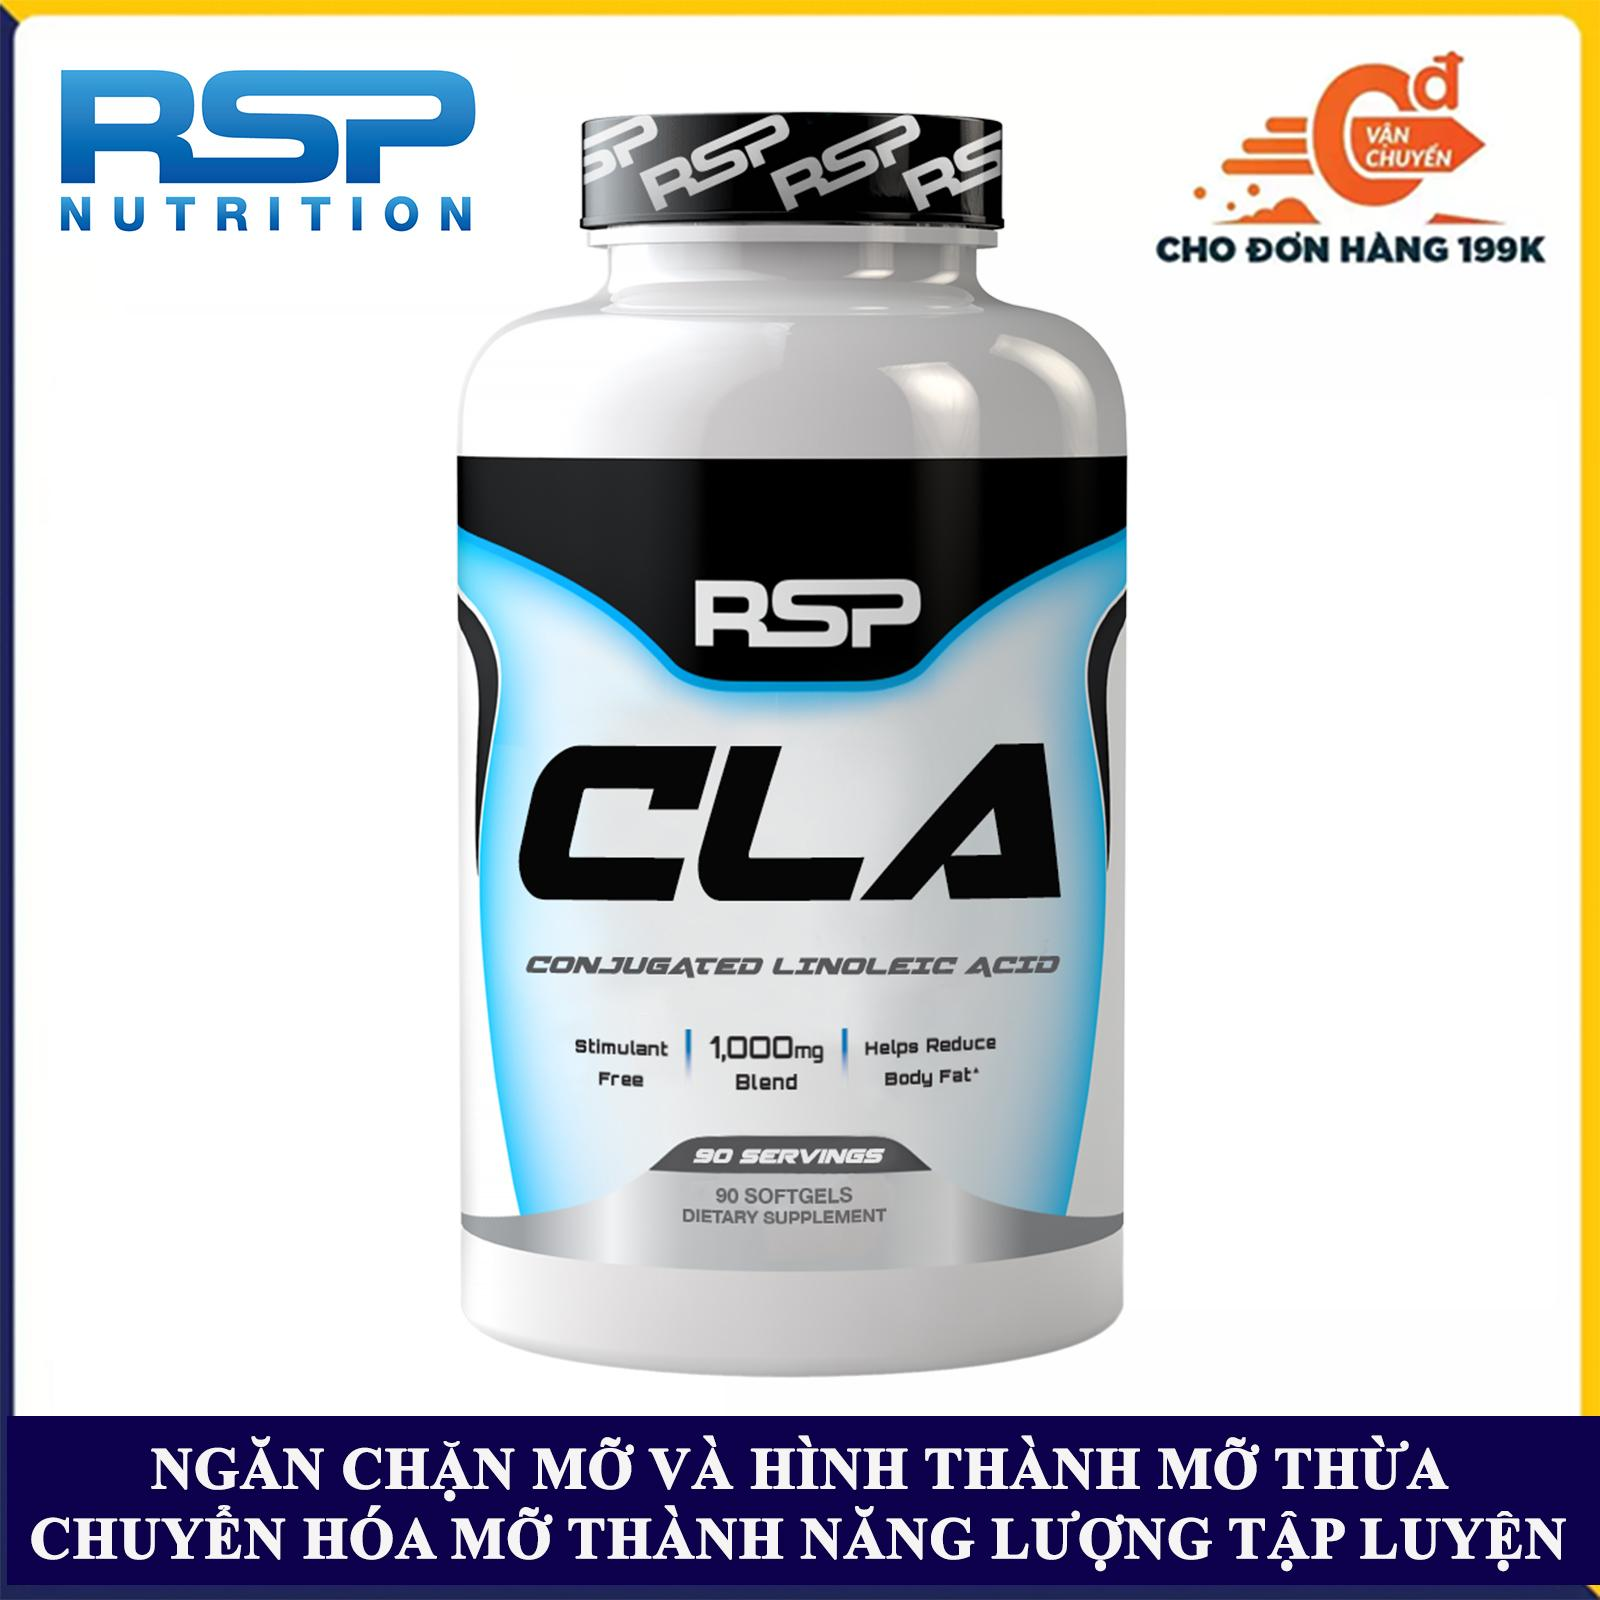 Thực phẩm bổ sung CLA của RSP hộp 90 viên hỗ trợ phân hủy mỡ và ngăn chặn hình thành mỡ thừa, xây dựng và phát triển cơ nạc, giảm huyết áp, ổn định tim mạch cho người tập gym và chơi thể thao - thuc pham chuc nang nhập khẩu